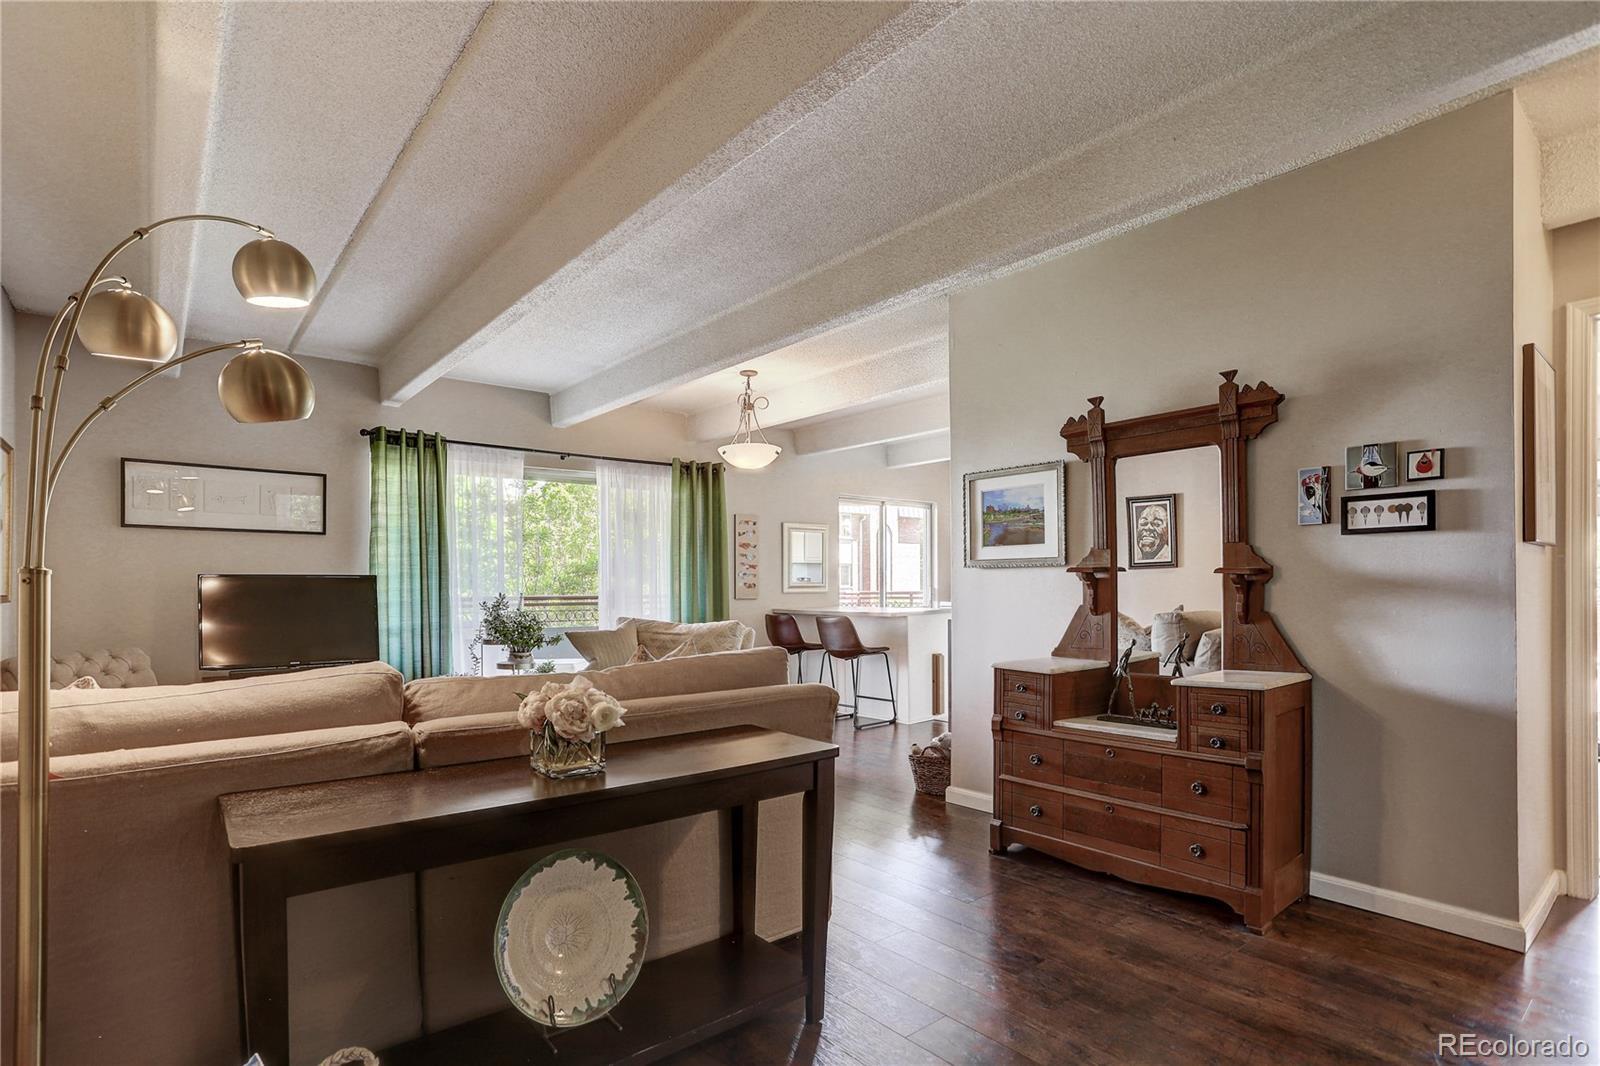 1441 Humboldt Street #301, Denver, CO 80218 - Denver, CO real estate listing